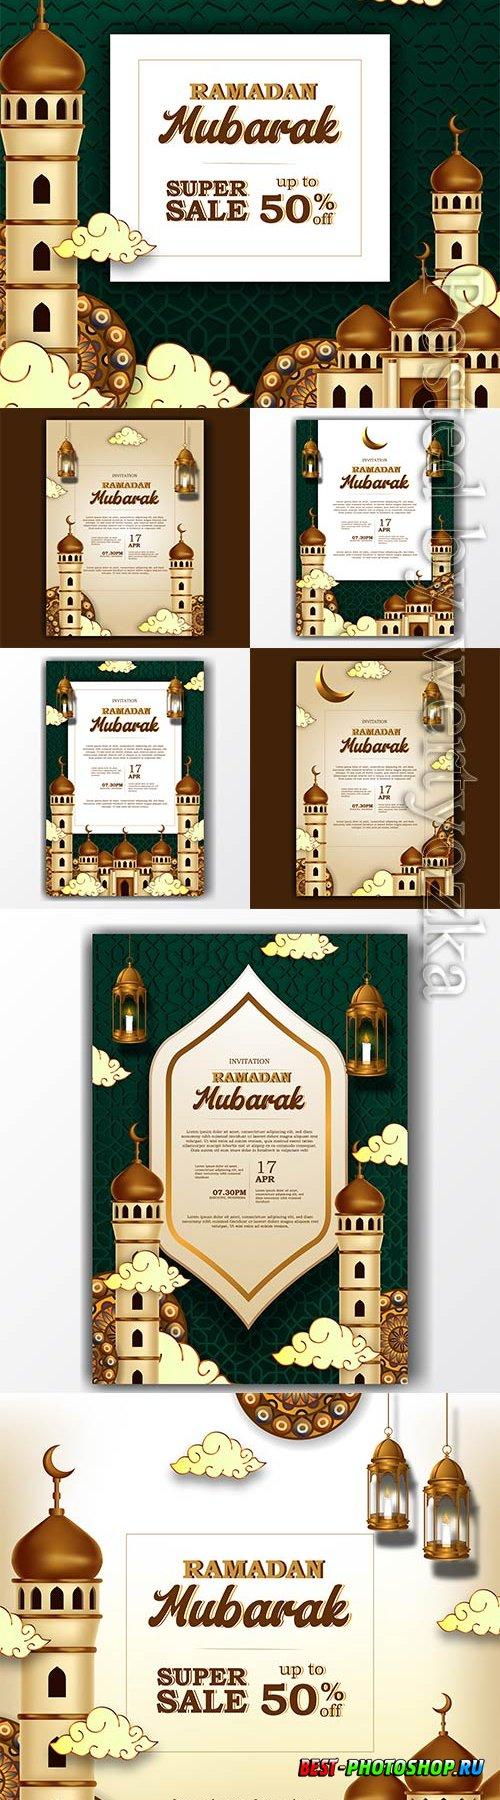 Ramadan mubarak invitation poster